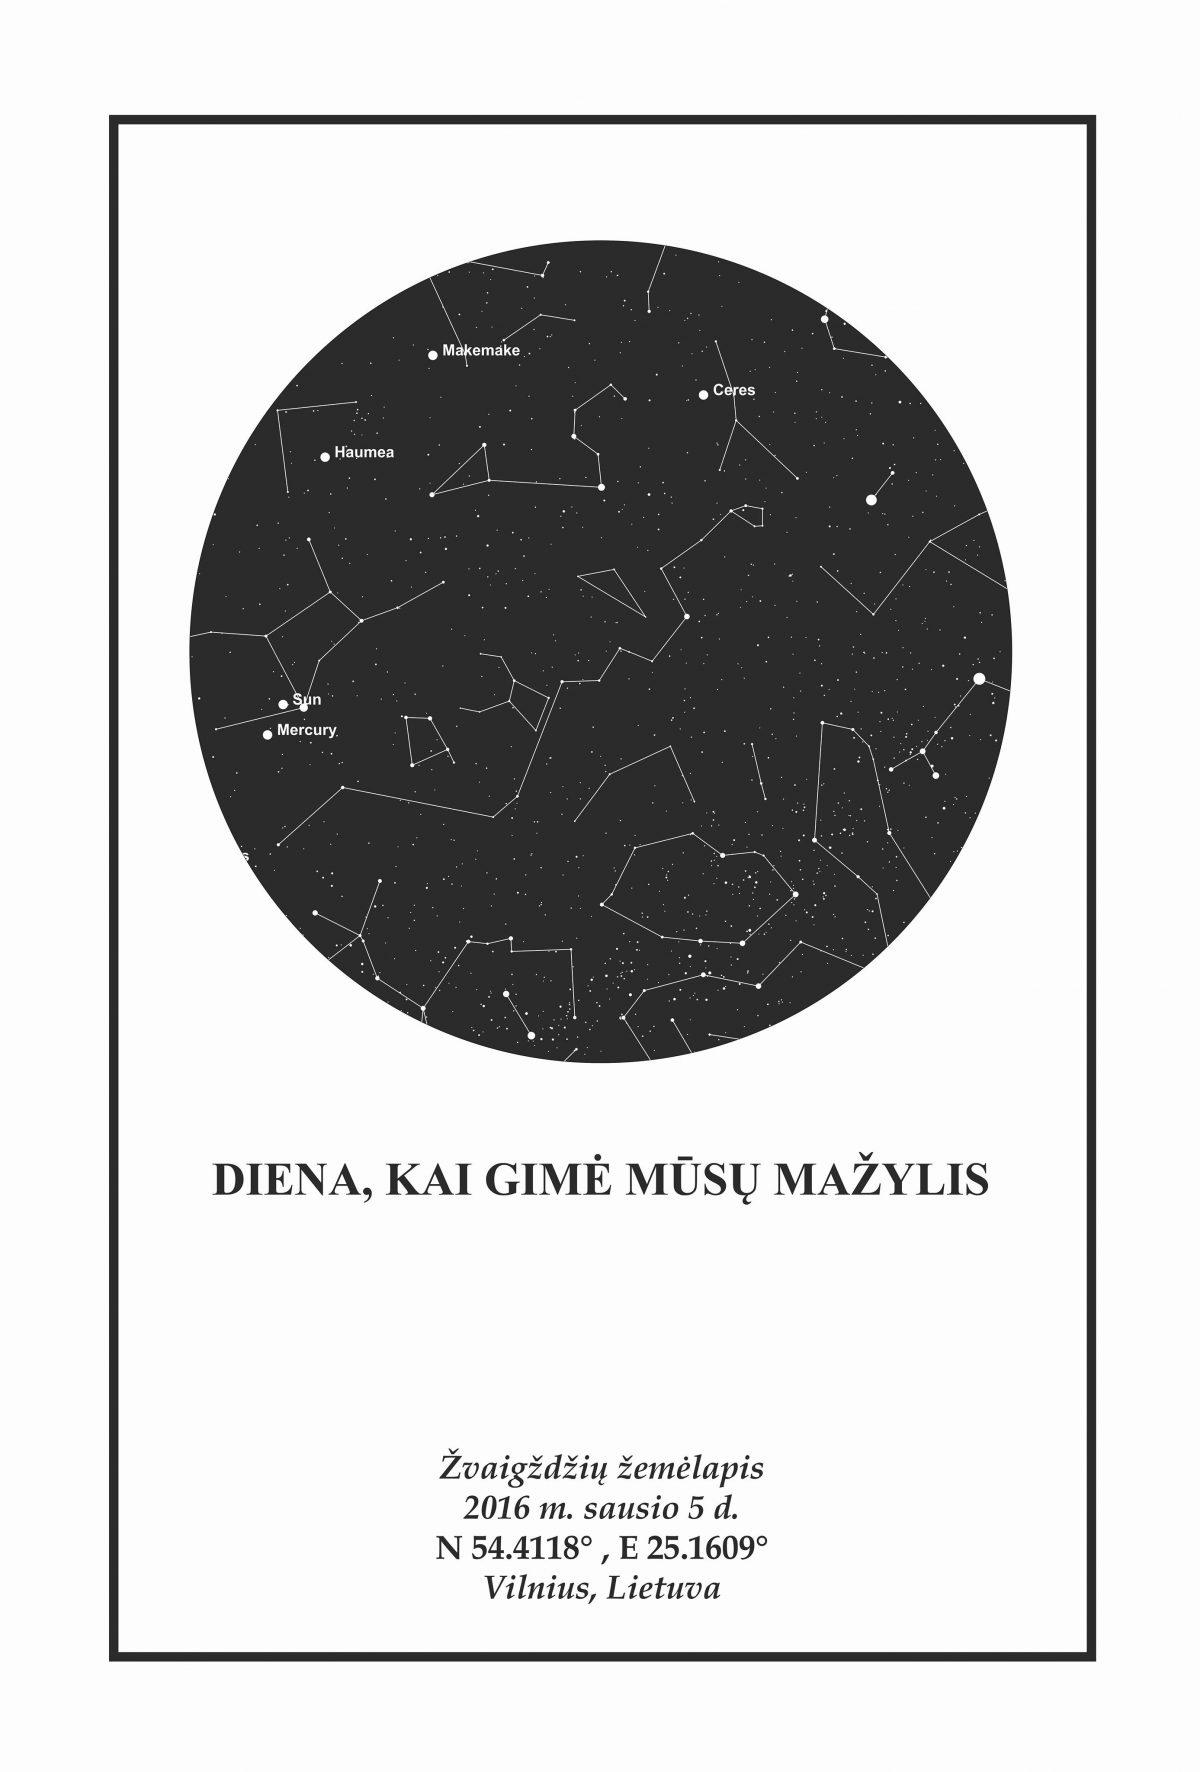 Juoda/balta, Dovana, Žemėlapiai, zvaigzdziu zemelapiai, žvaigdžių žemėlapis, imprimera.shop,easy-print.lt, žemėlapis ant drobės, žvaigždės ant drobės, dangaus pasas